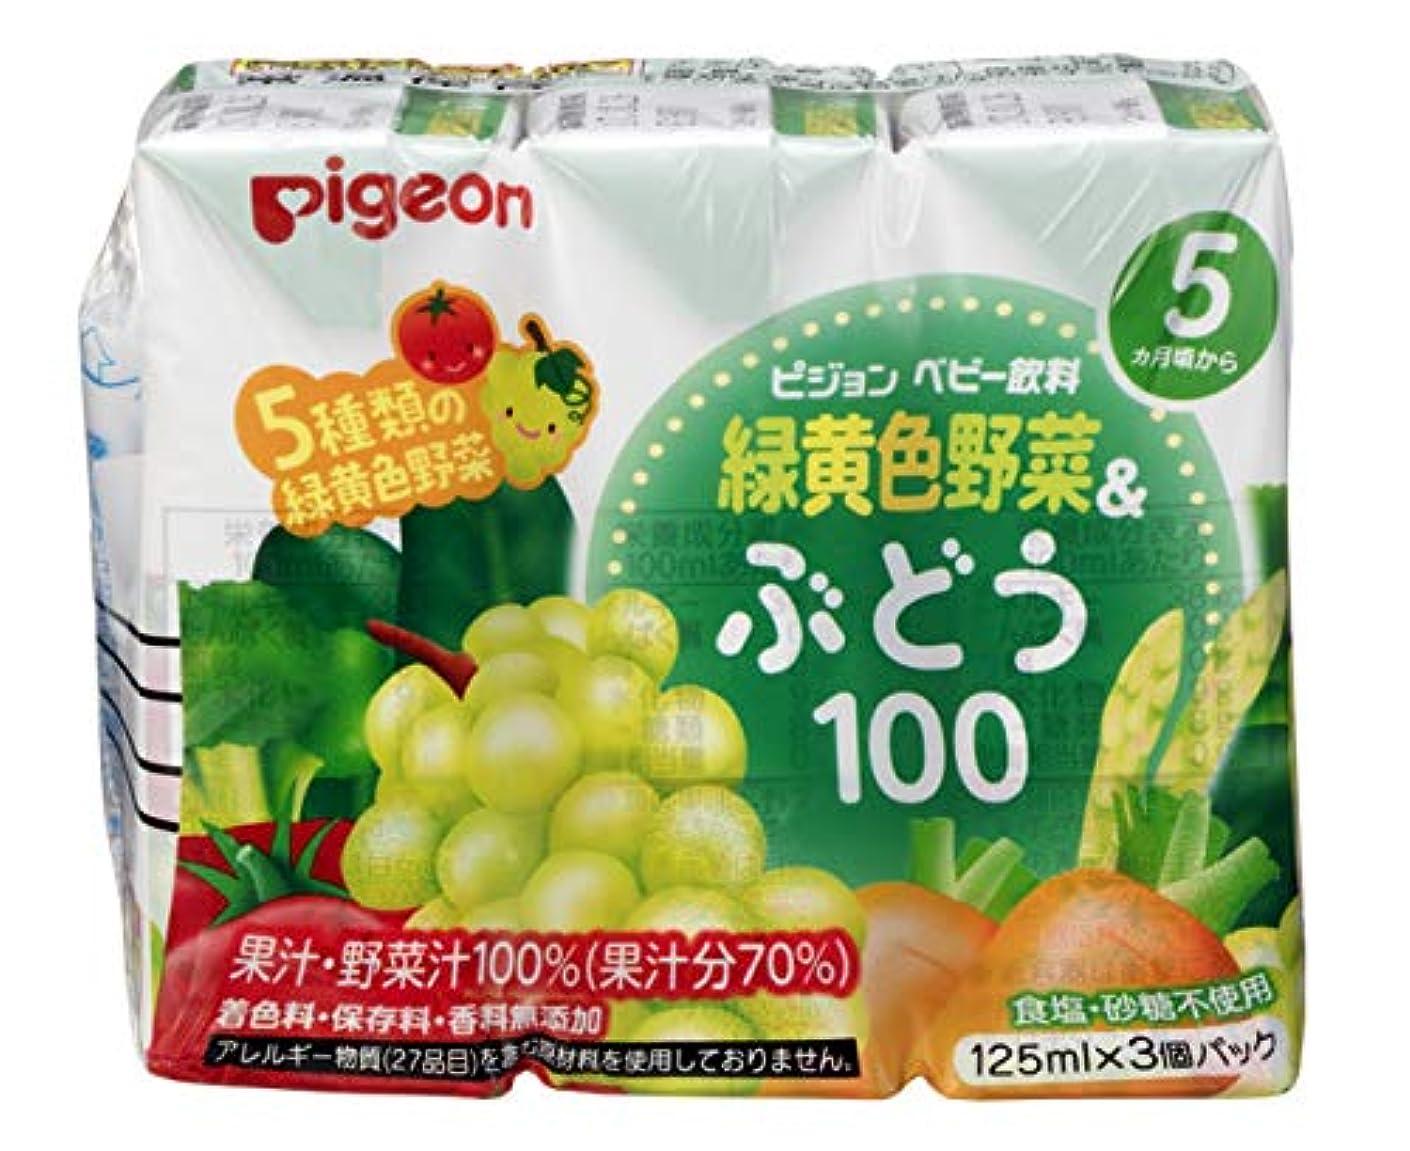 縁囚人入り口ピジョン 緑黄色野菜&ぶどう100(5ヶ月頃から)125mlX3本【3個セット】